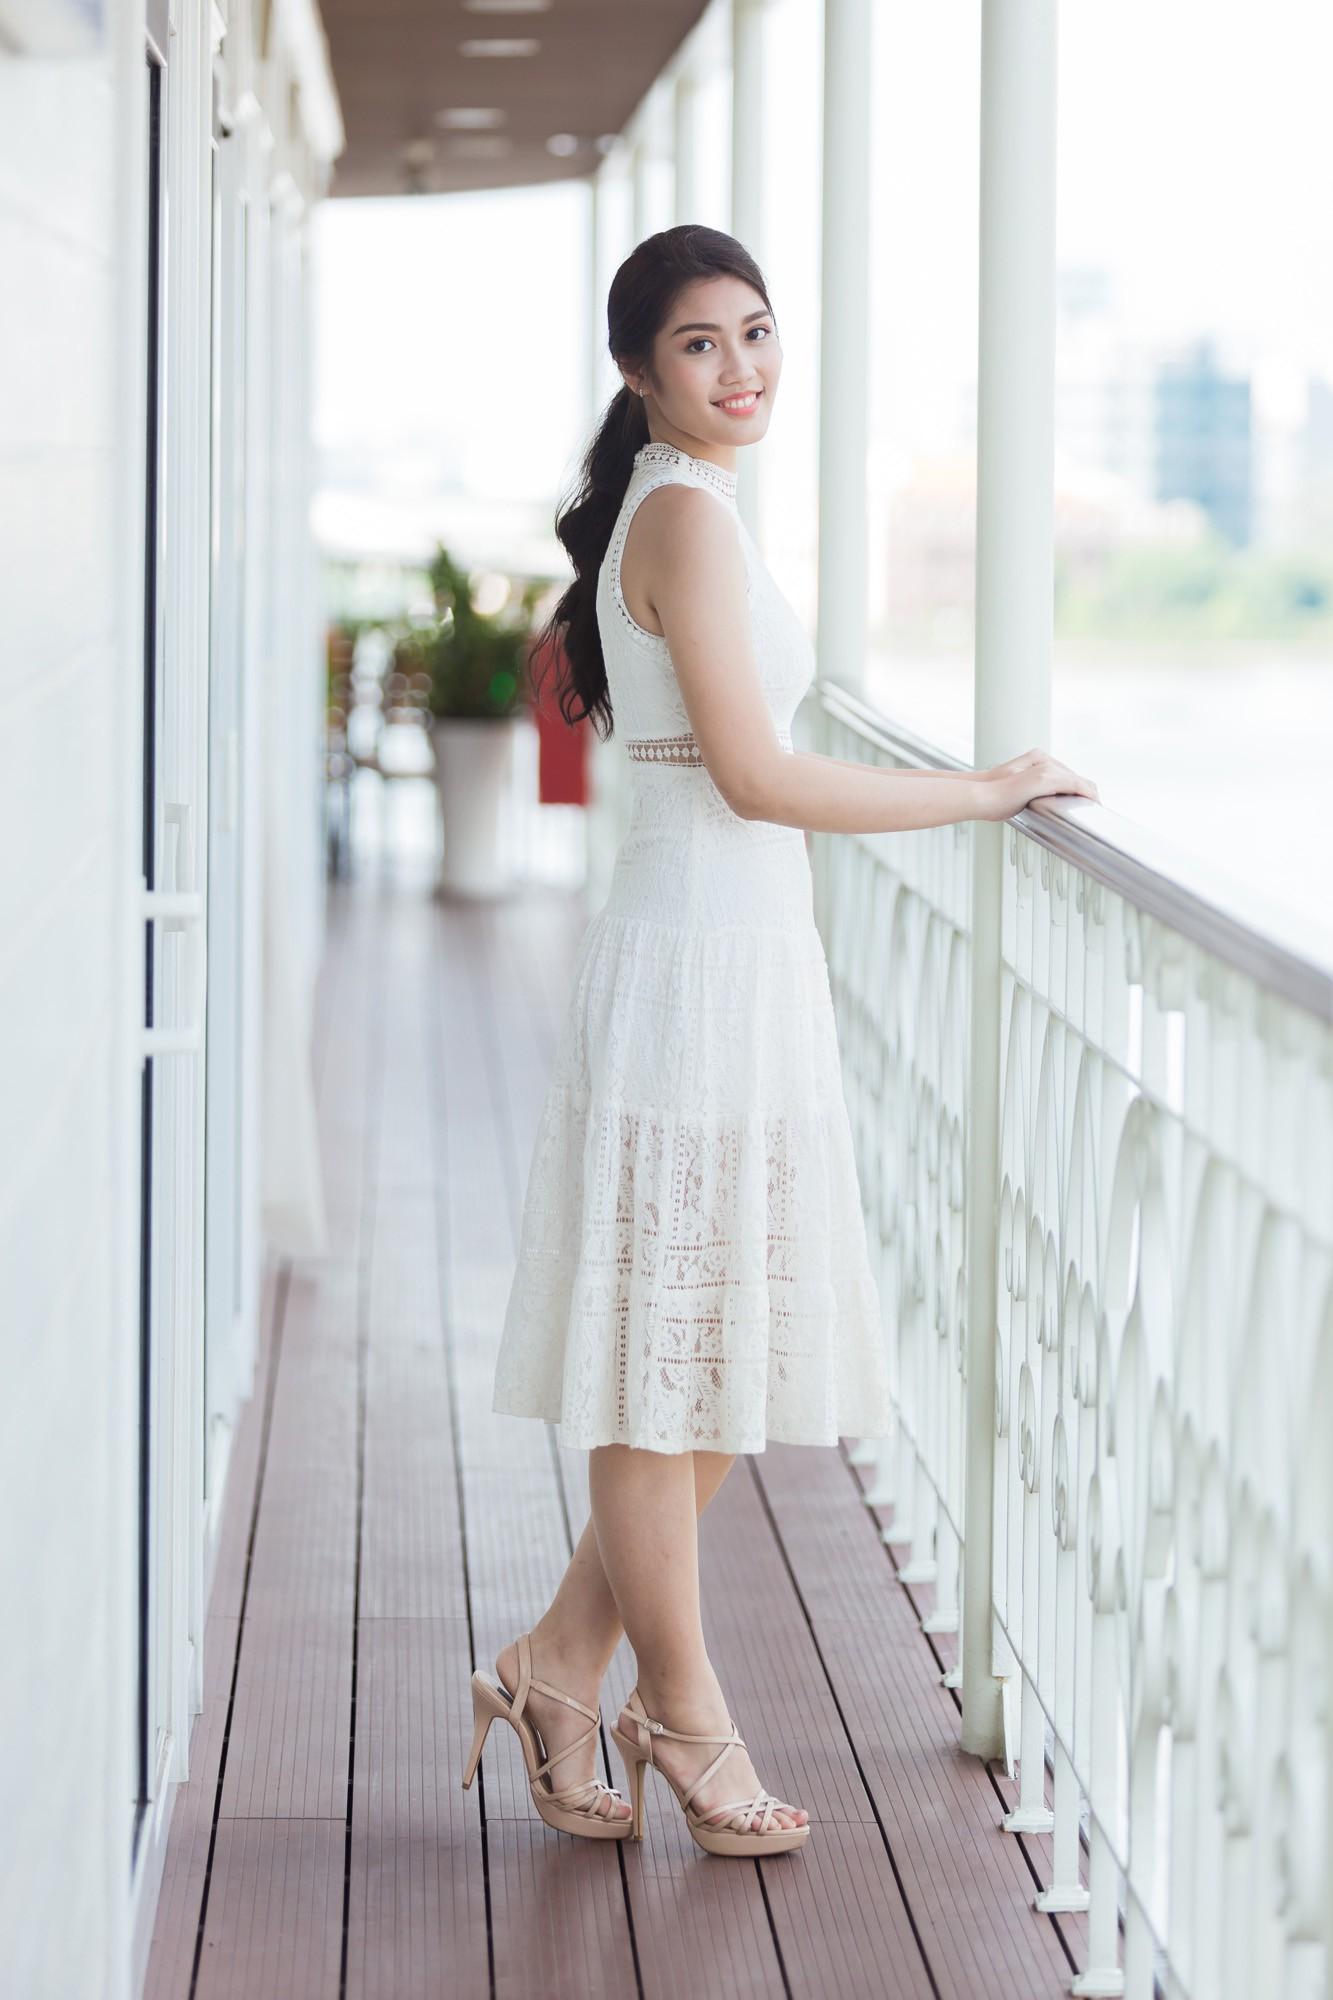 Từ cô Hoa hậu bị hoài nghi, Tiểu Vy hôm nay đứng trước Top thí sinh Miss World đầy bản lĩnh và thần thái - Ảnh 11.